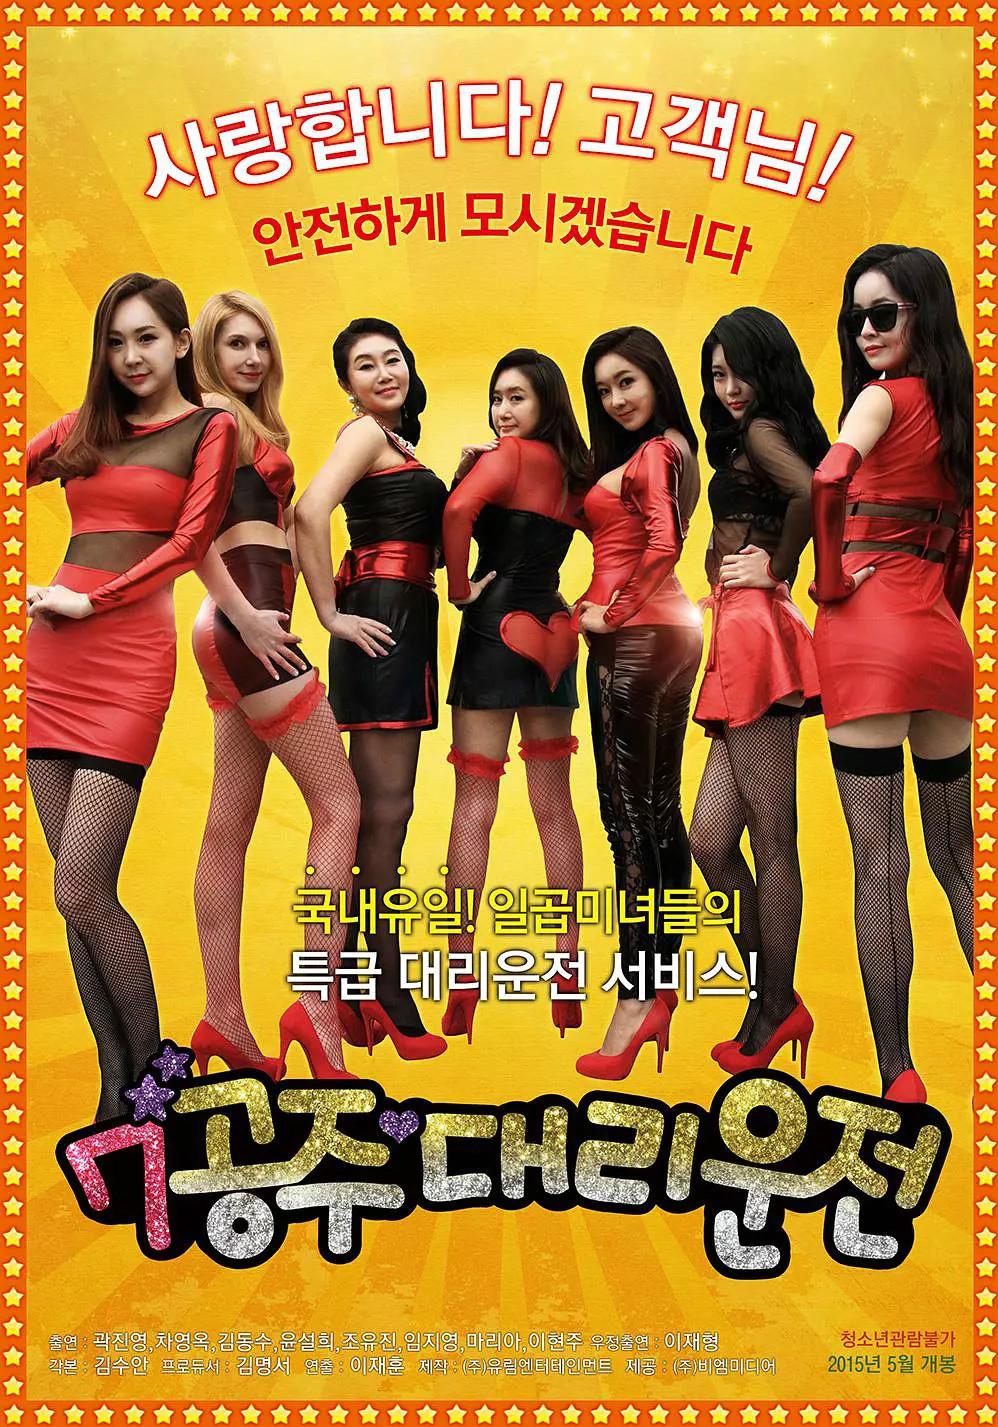 韩国 color直播2015